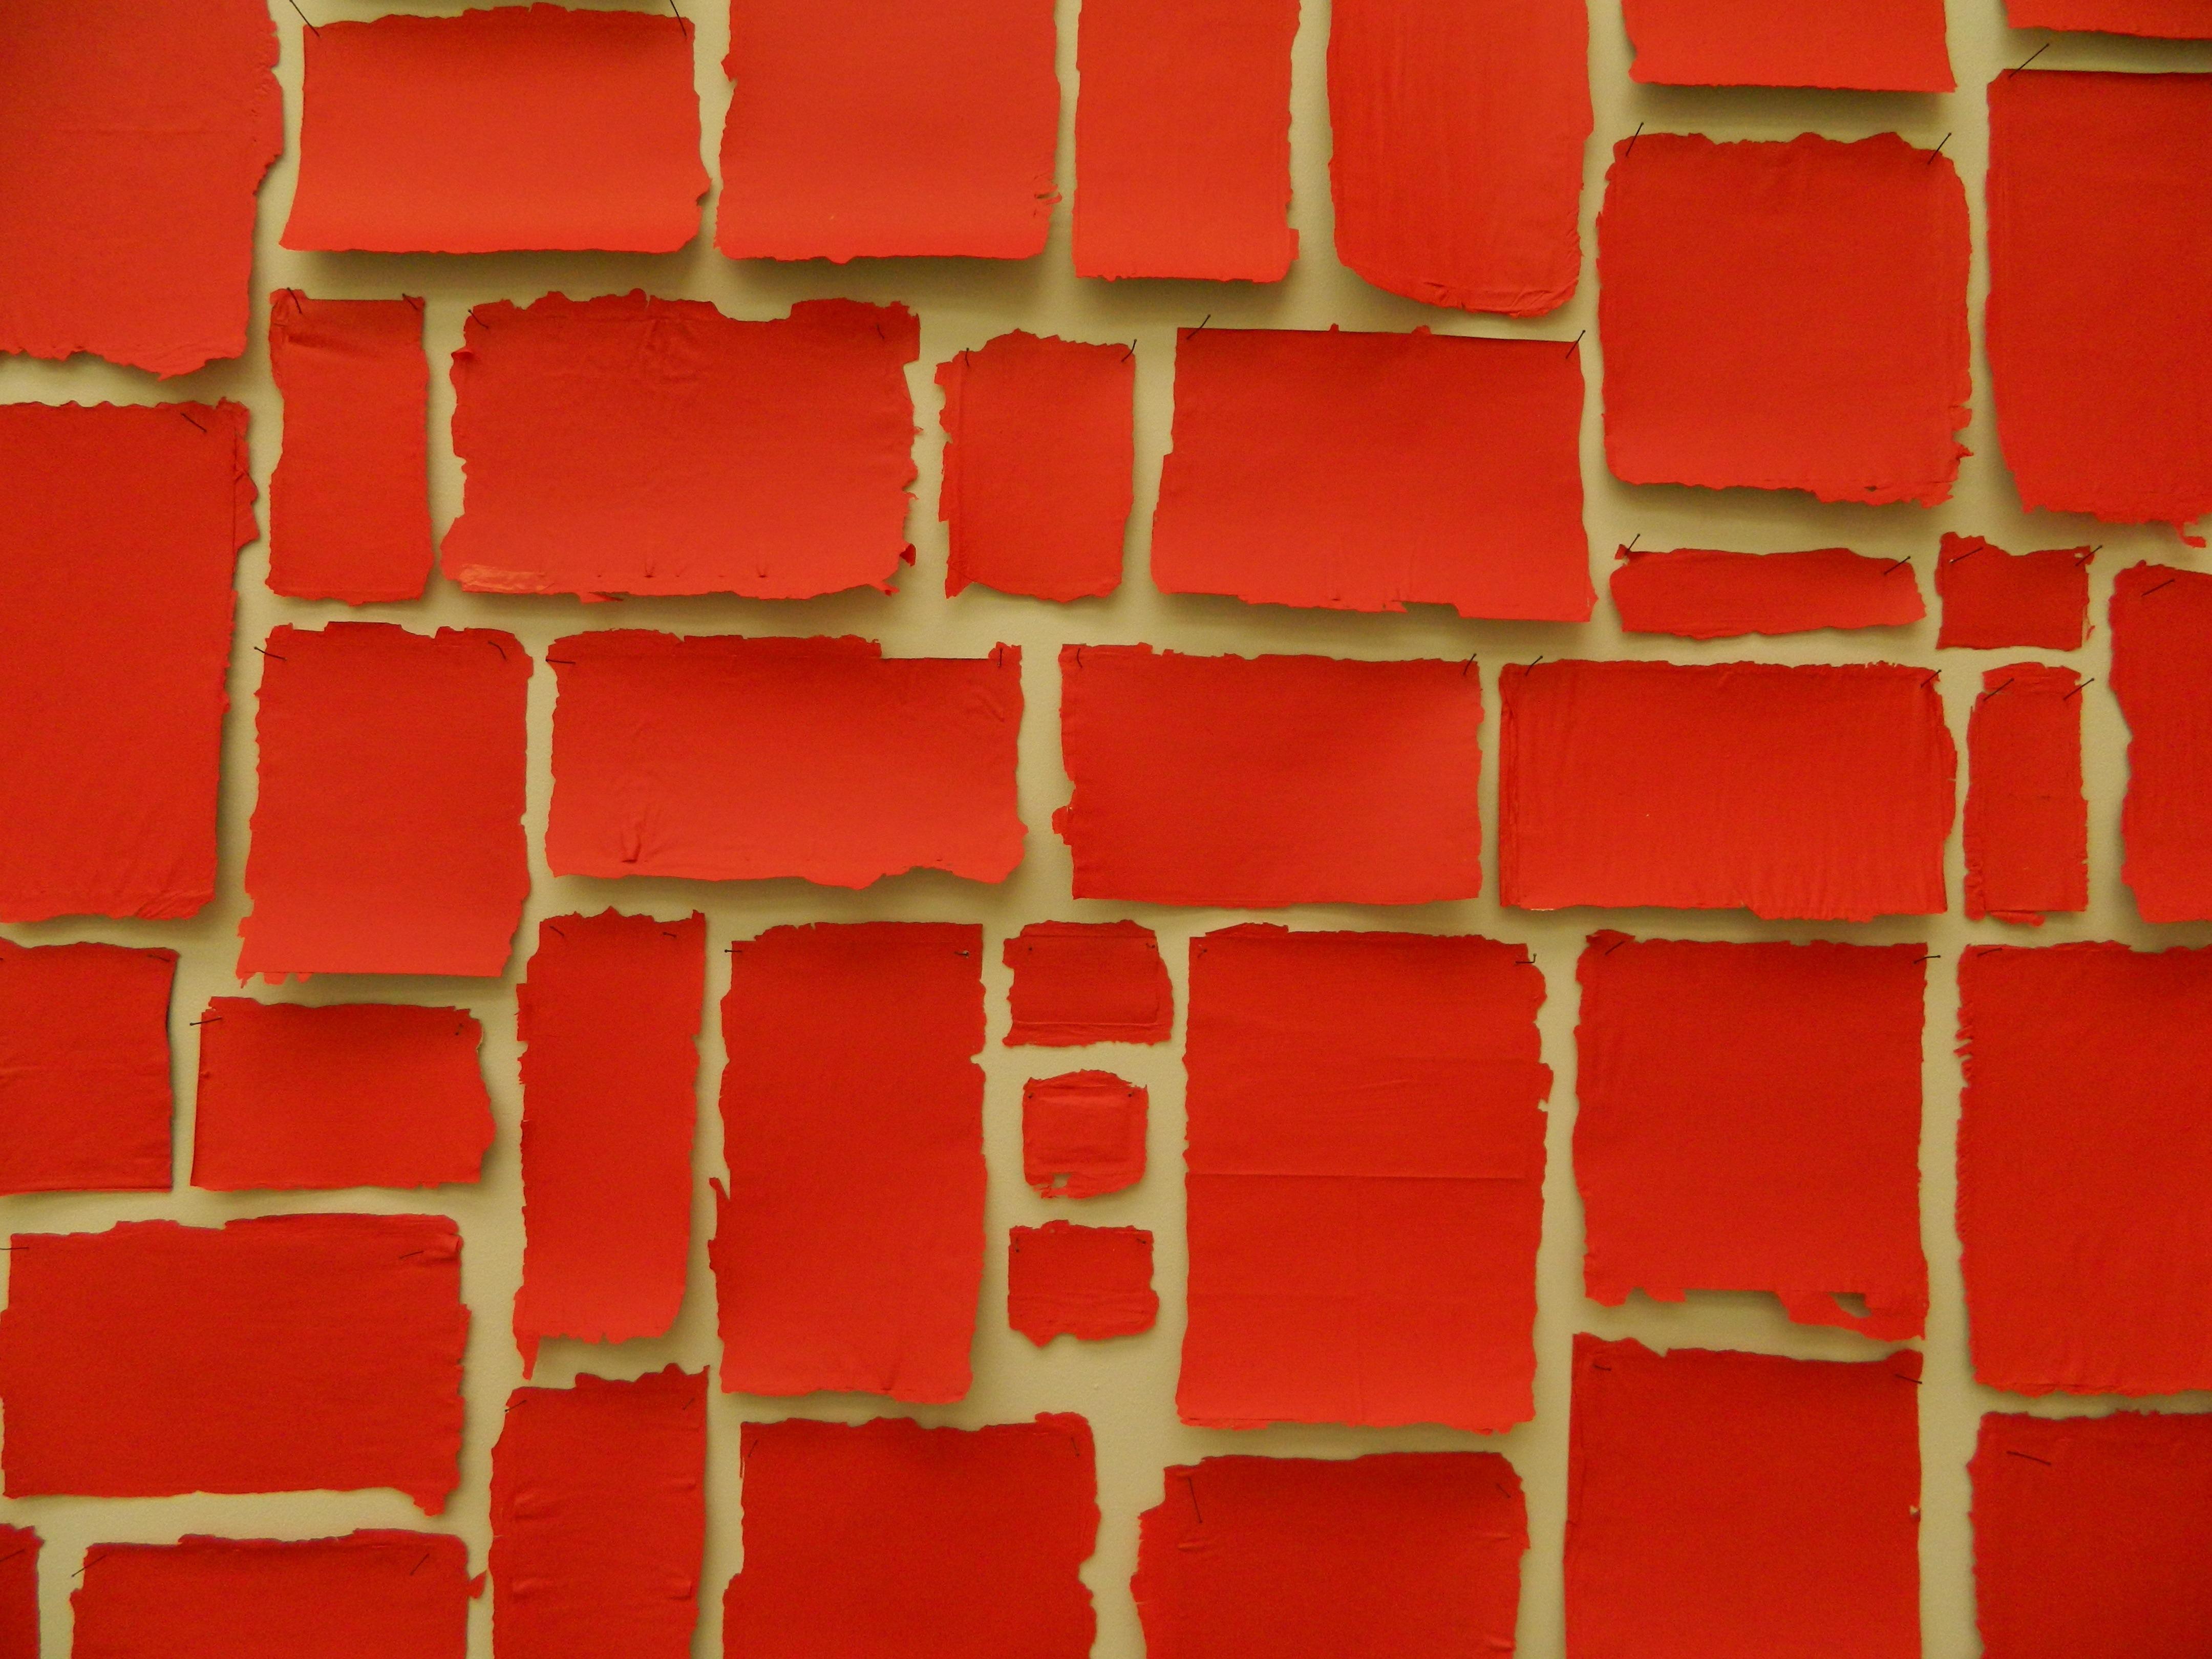 Fotos gratis textura piso pared decoraci n naranja for Decoracion piso naranja